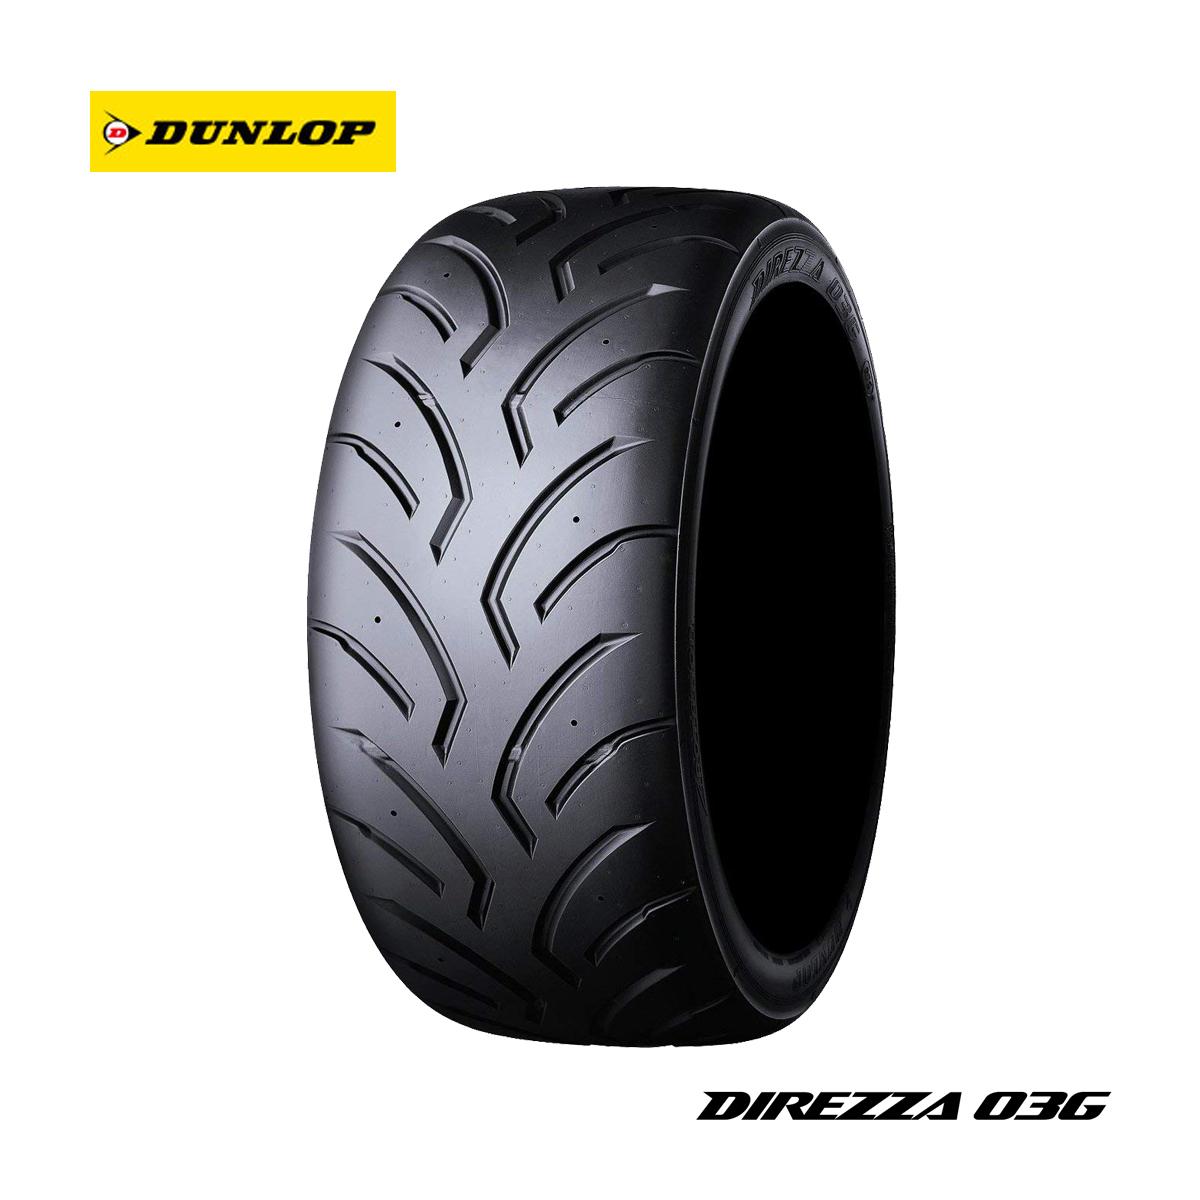 DUNLOP ダンロップ Sタイヤ ハイグリップ モータースポーツ 4本 セット 18インチ 295/30R18 DIREZZA ディレッツァ 03G コンパウンド H1